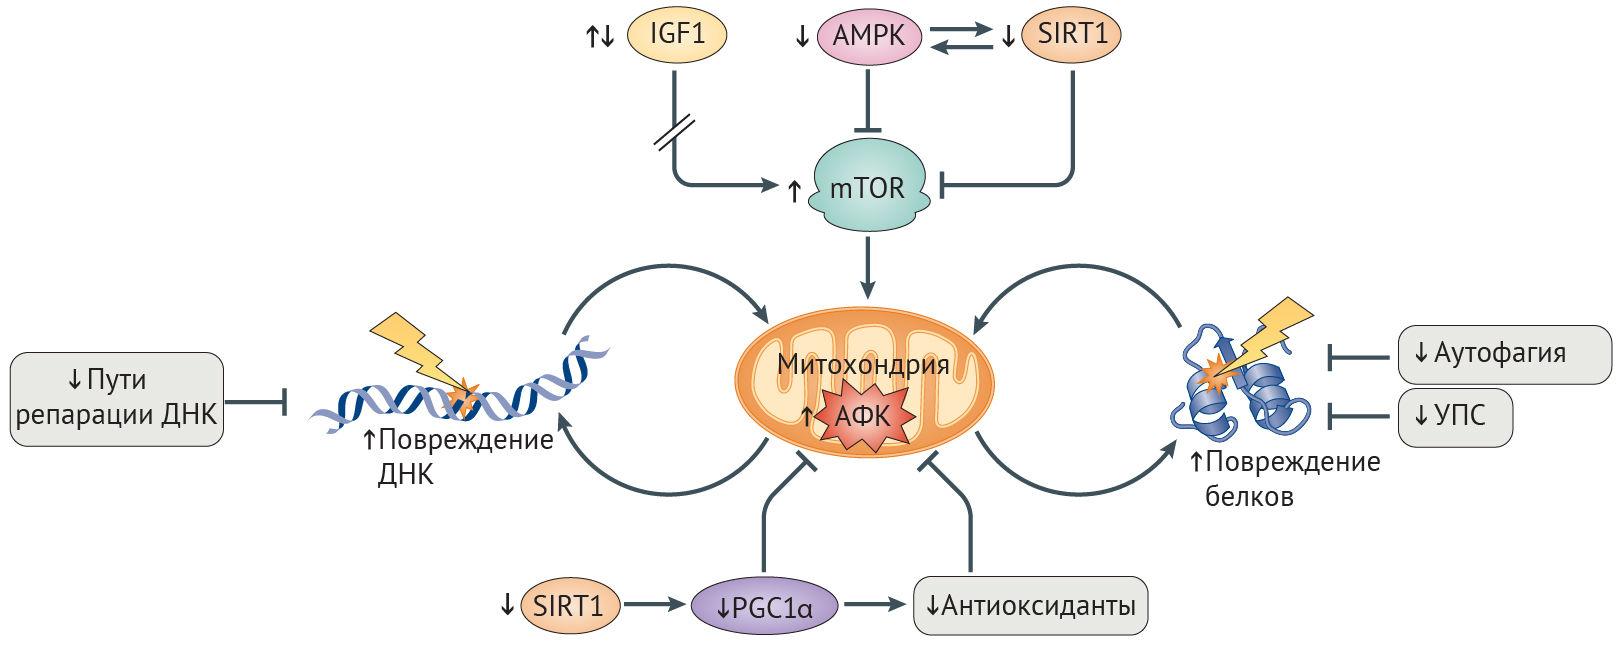 картинки метаболические пути д николсона оригинальное